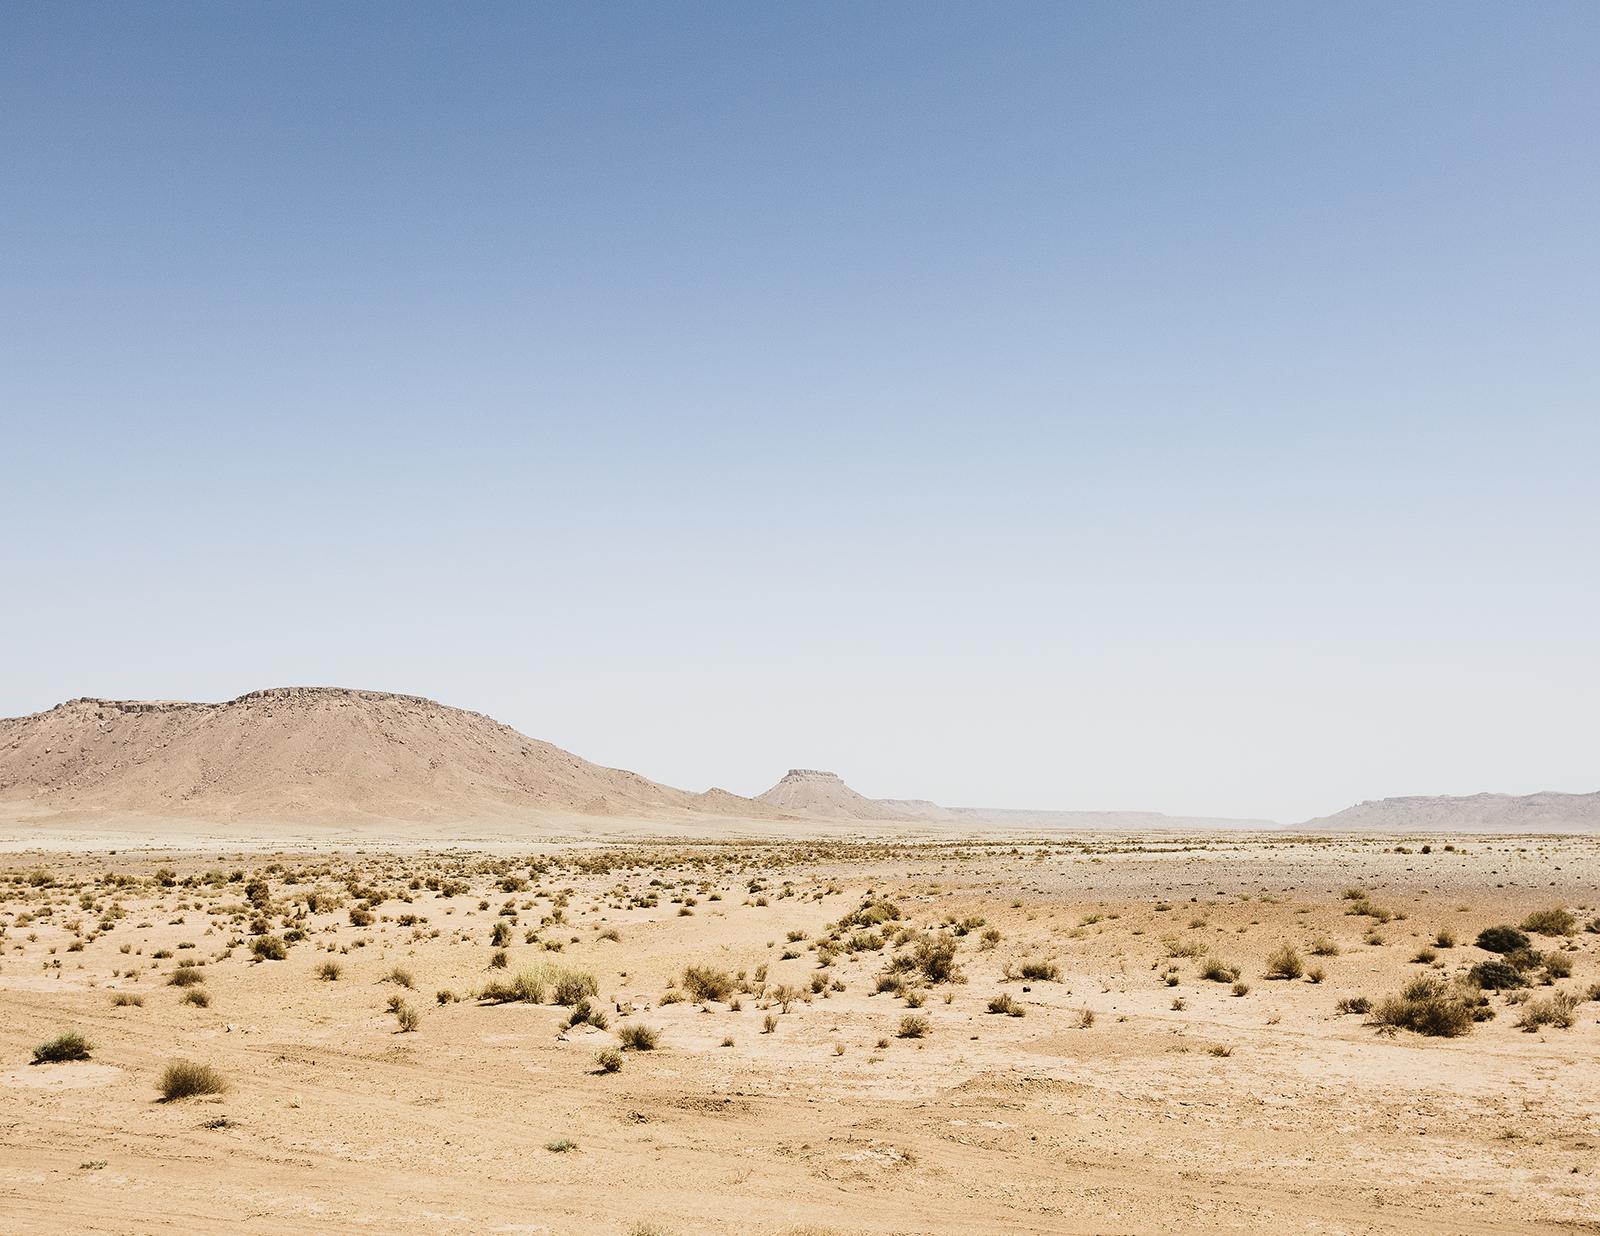 morocco_landscape_nunoserrao.jpg